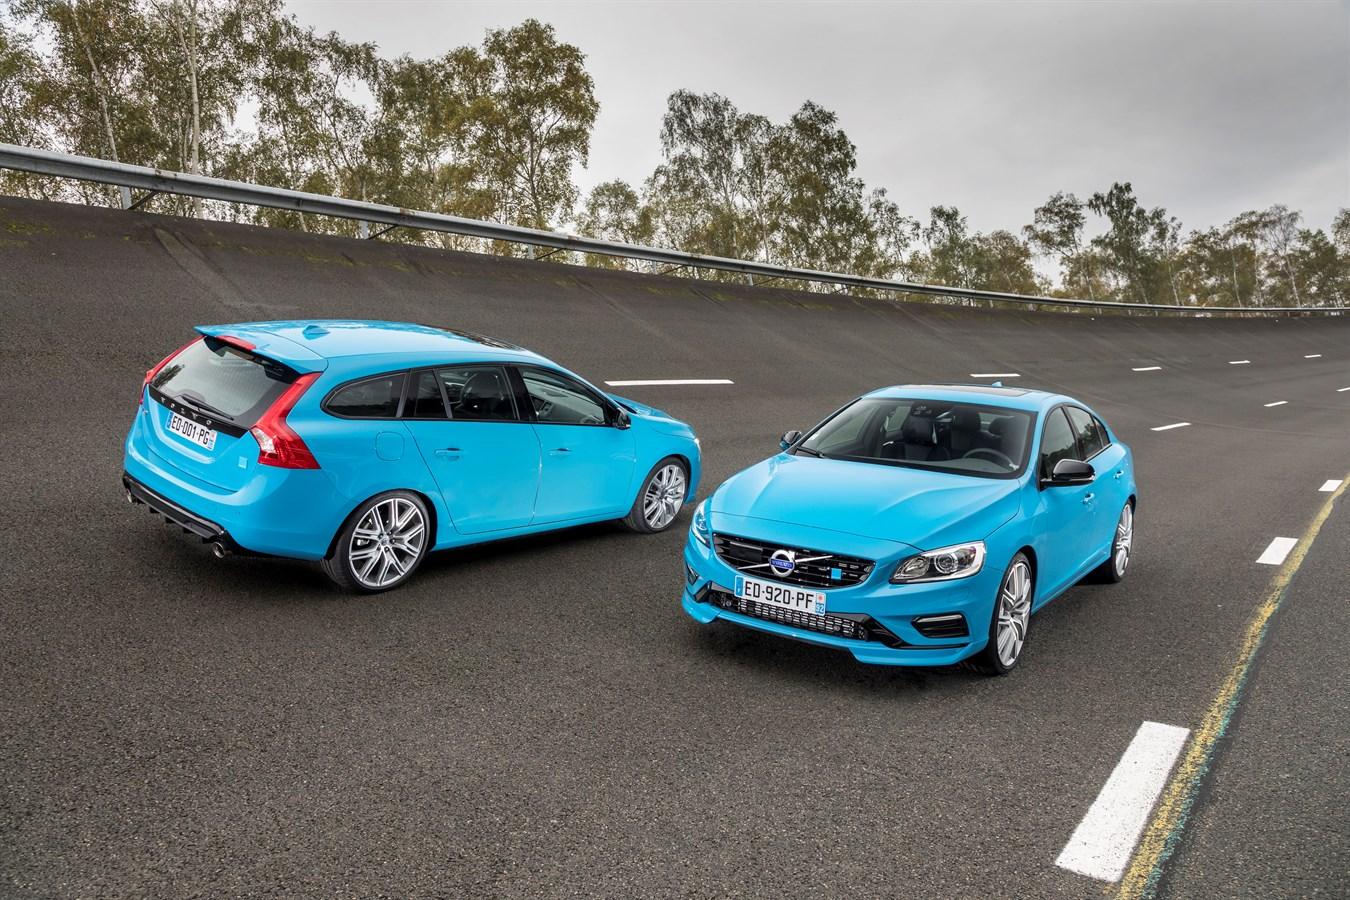 Yiiiipppppeeeeee !! Les Volvo Polestar arrivent enfin en France ! Au programme de ces versions boostées des S et V60 : un 4 cylindres turbo de 367 ch, une transmission intégrale et un prix inférieur à 70 000 €. Disponibilité vers le printemps 2017.